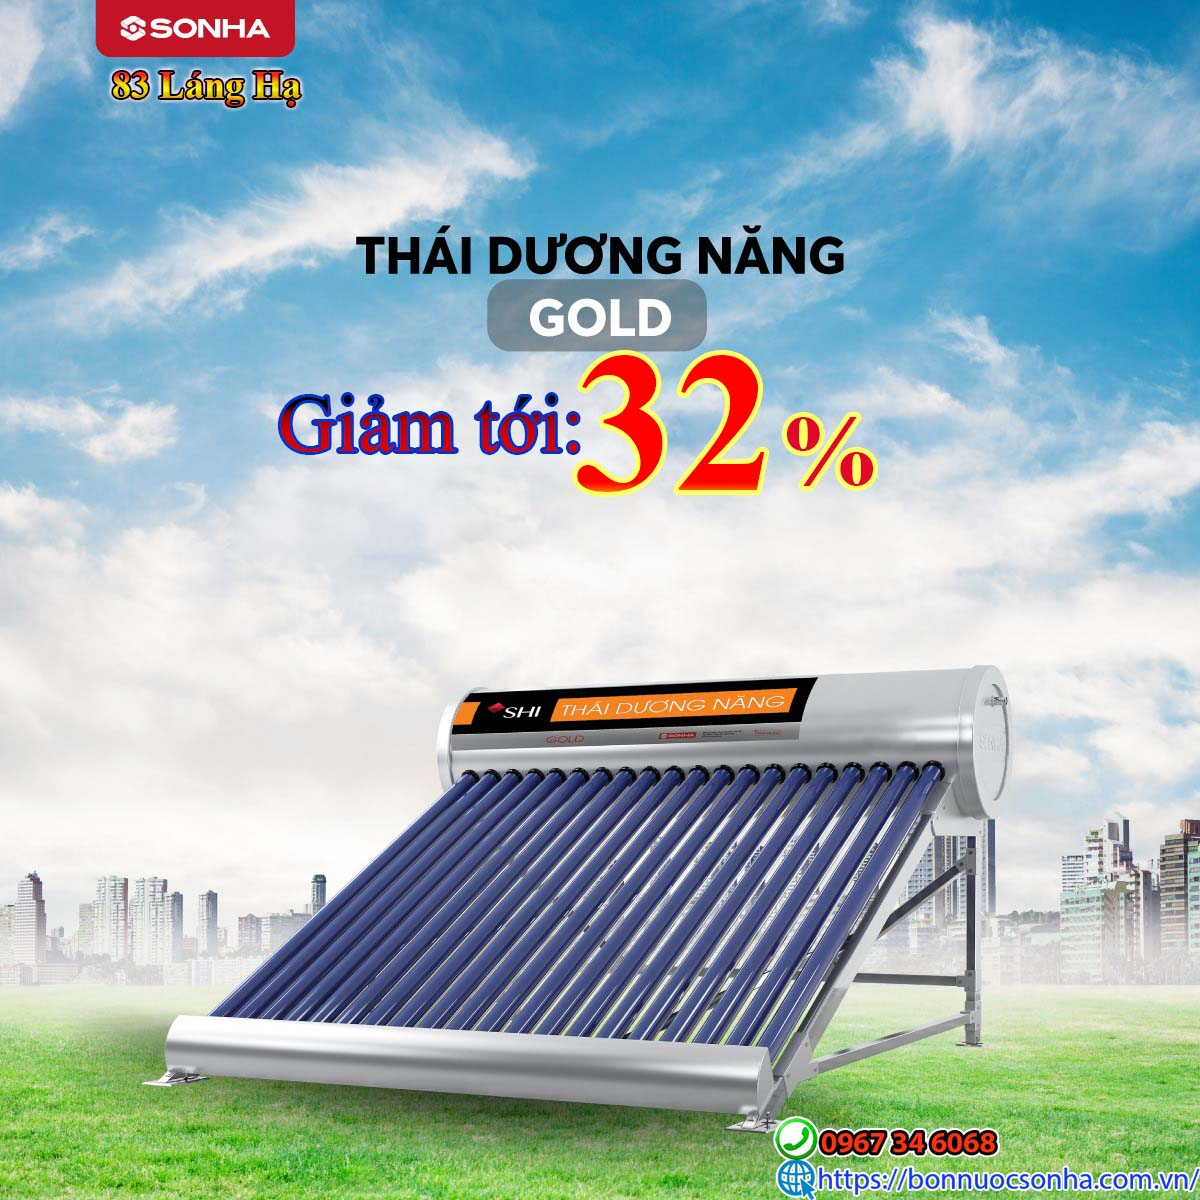 Thai Duong Nang Gold Giam Toi 32 %